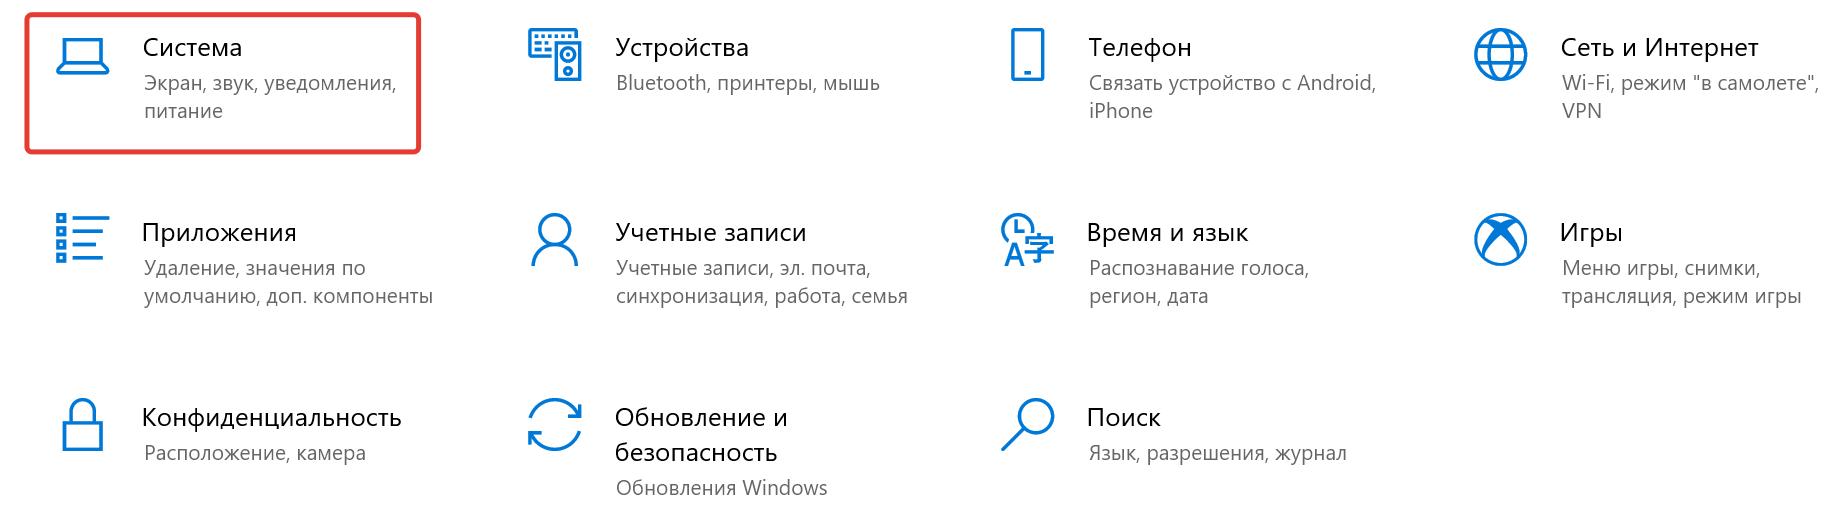 Открываем системные настройки Windows 10